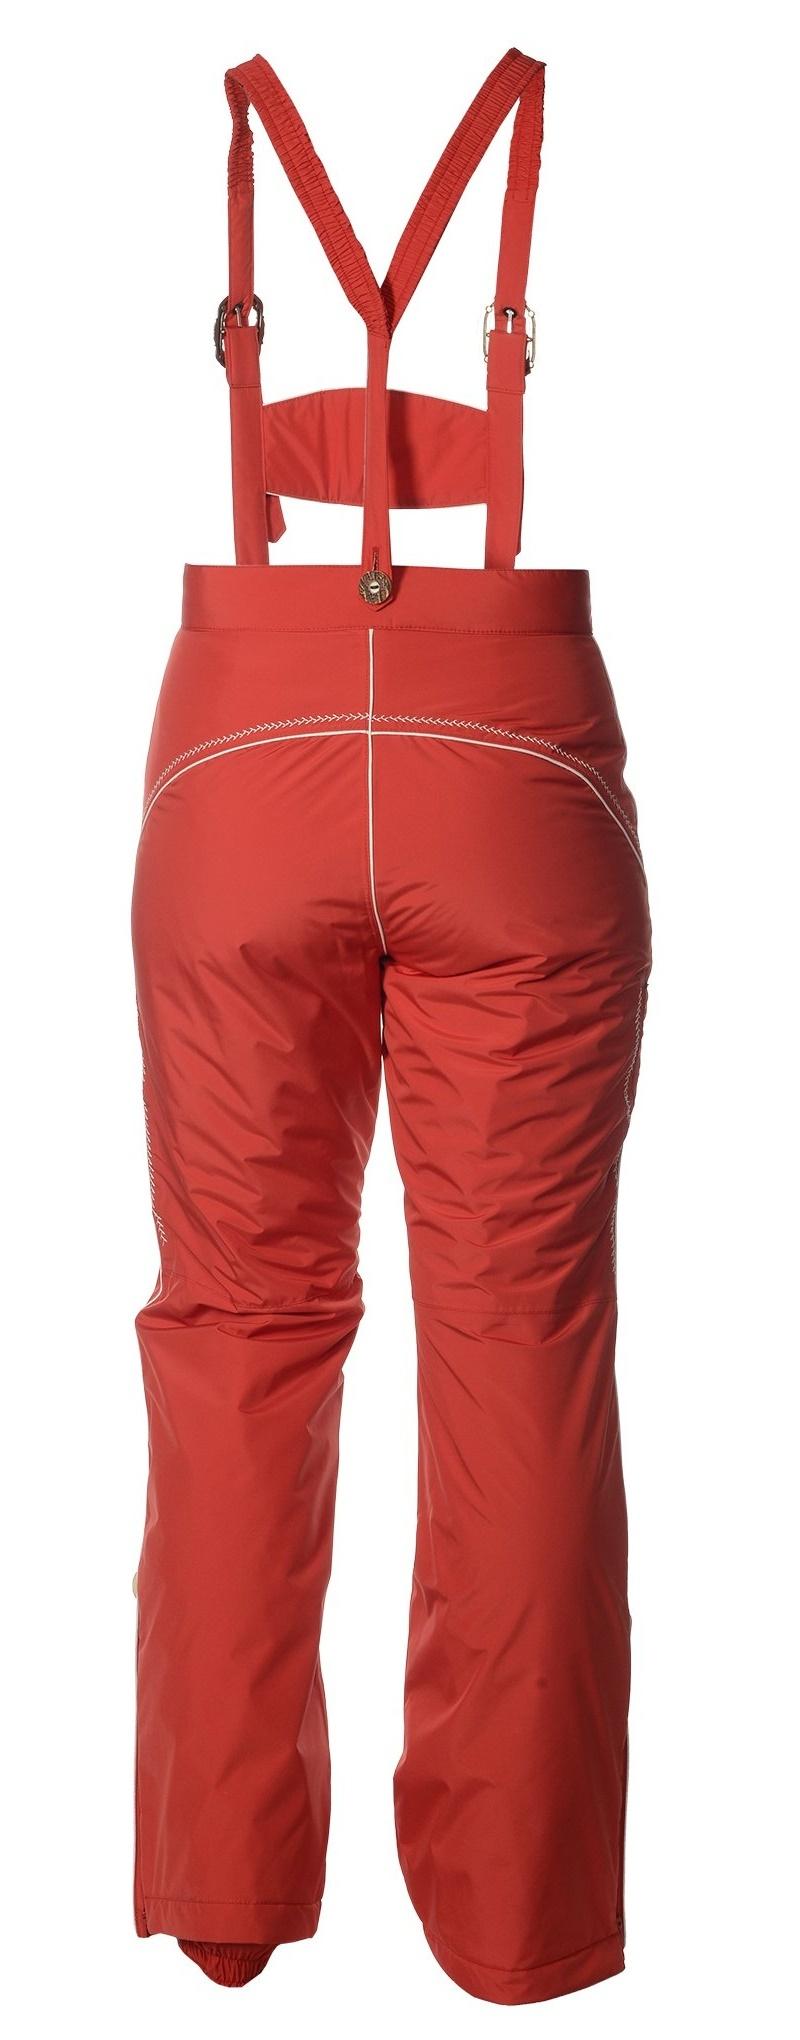 Женские горнолыжные брюки Lois Almrausch красные от австрийского бренда в тирольском стиле